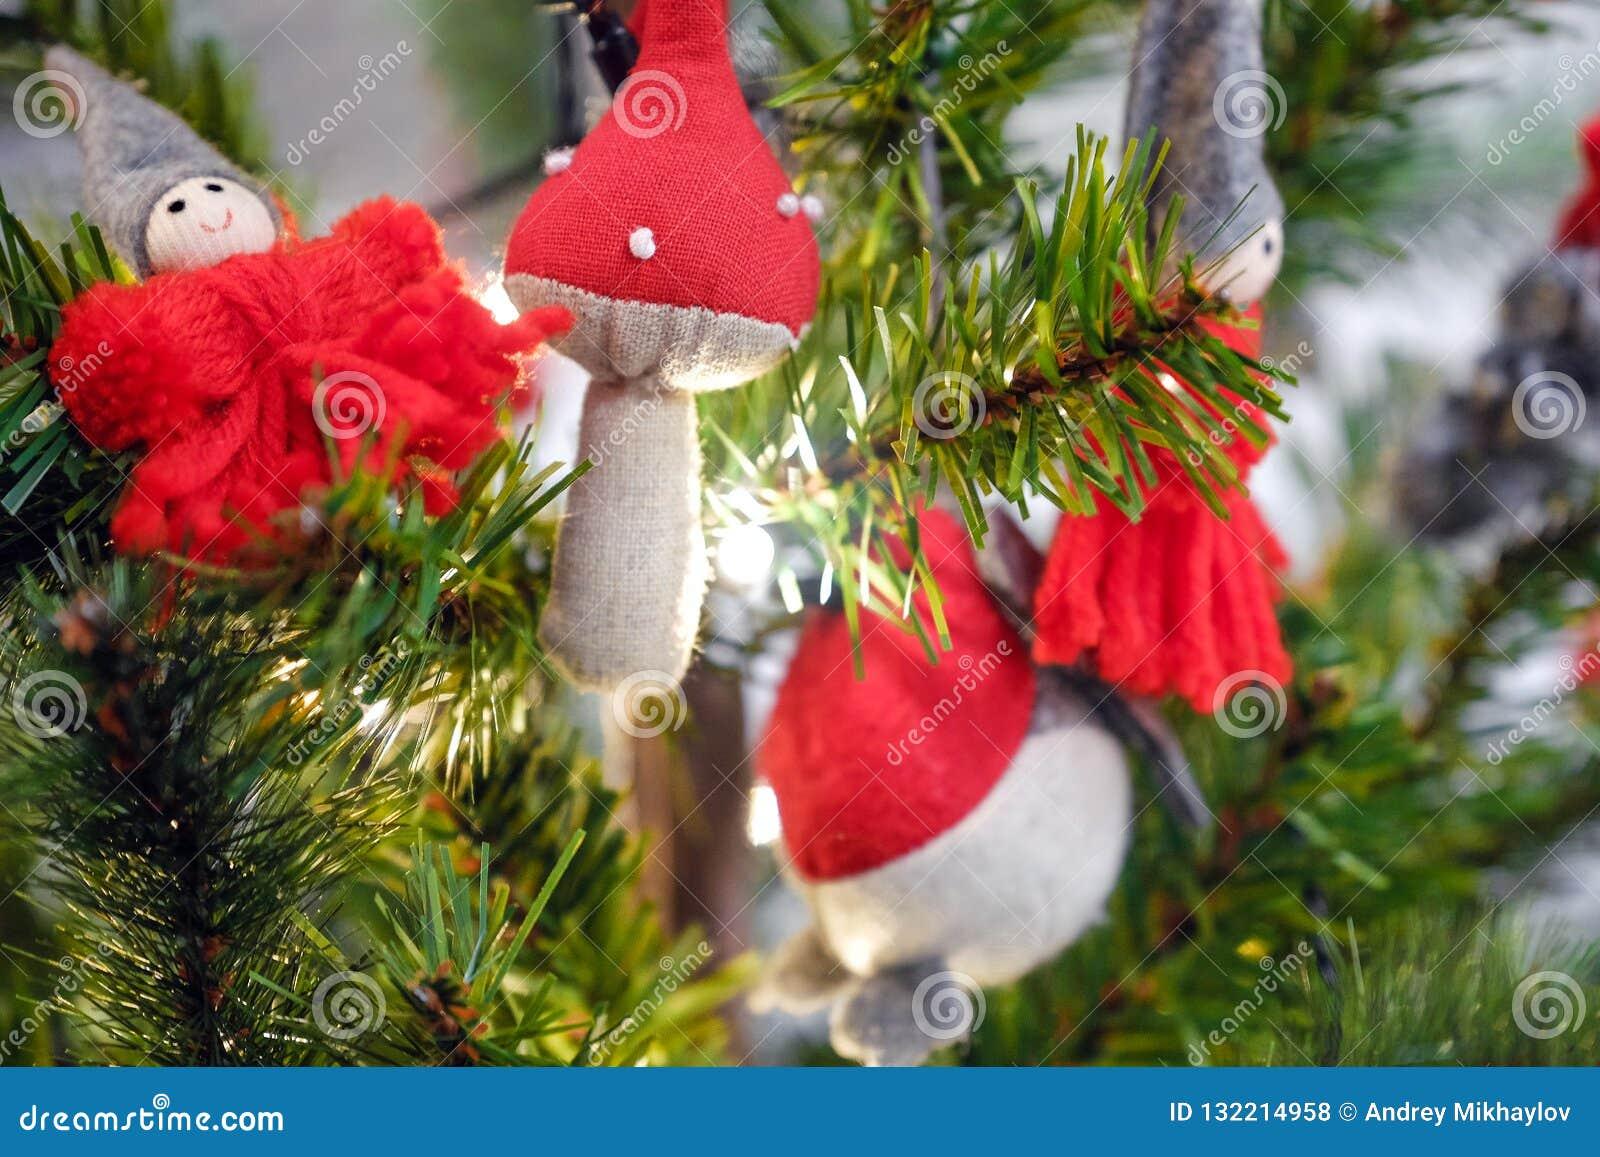 Julleksaker som hänger på filialerna, under julgrangåvorna för Girlander bränner